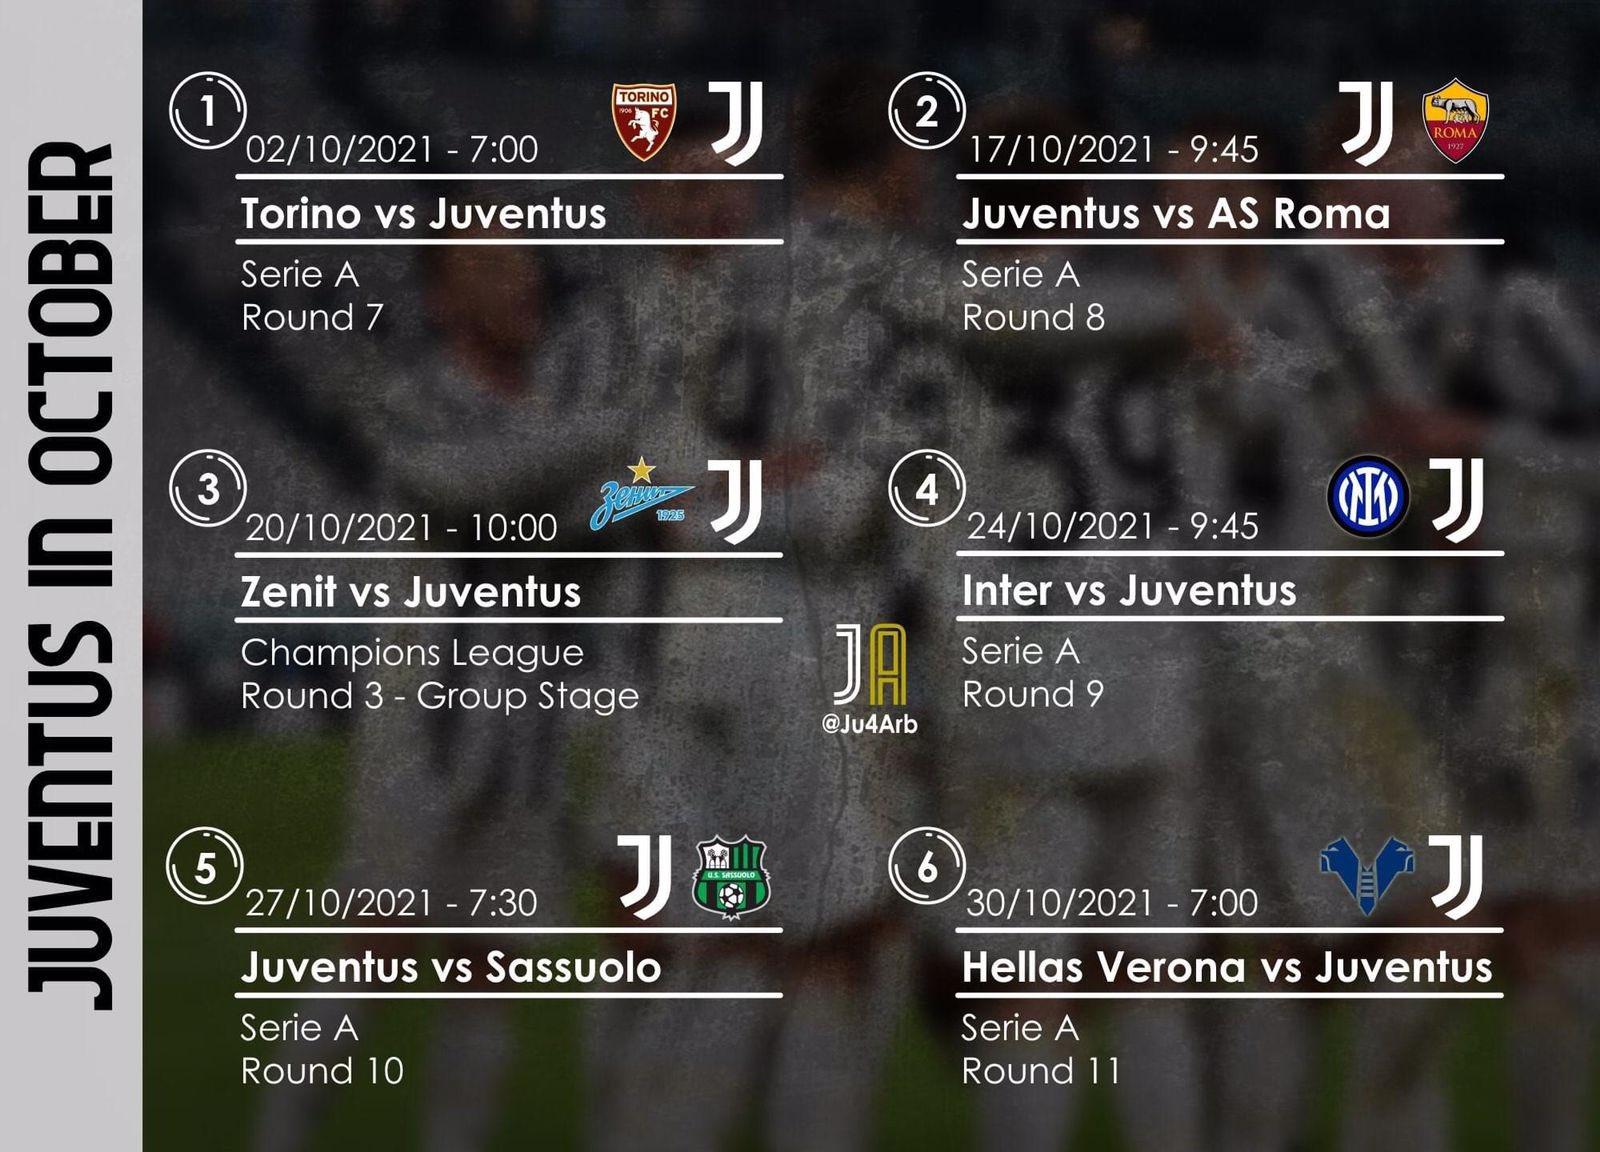 Juventus matches